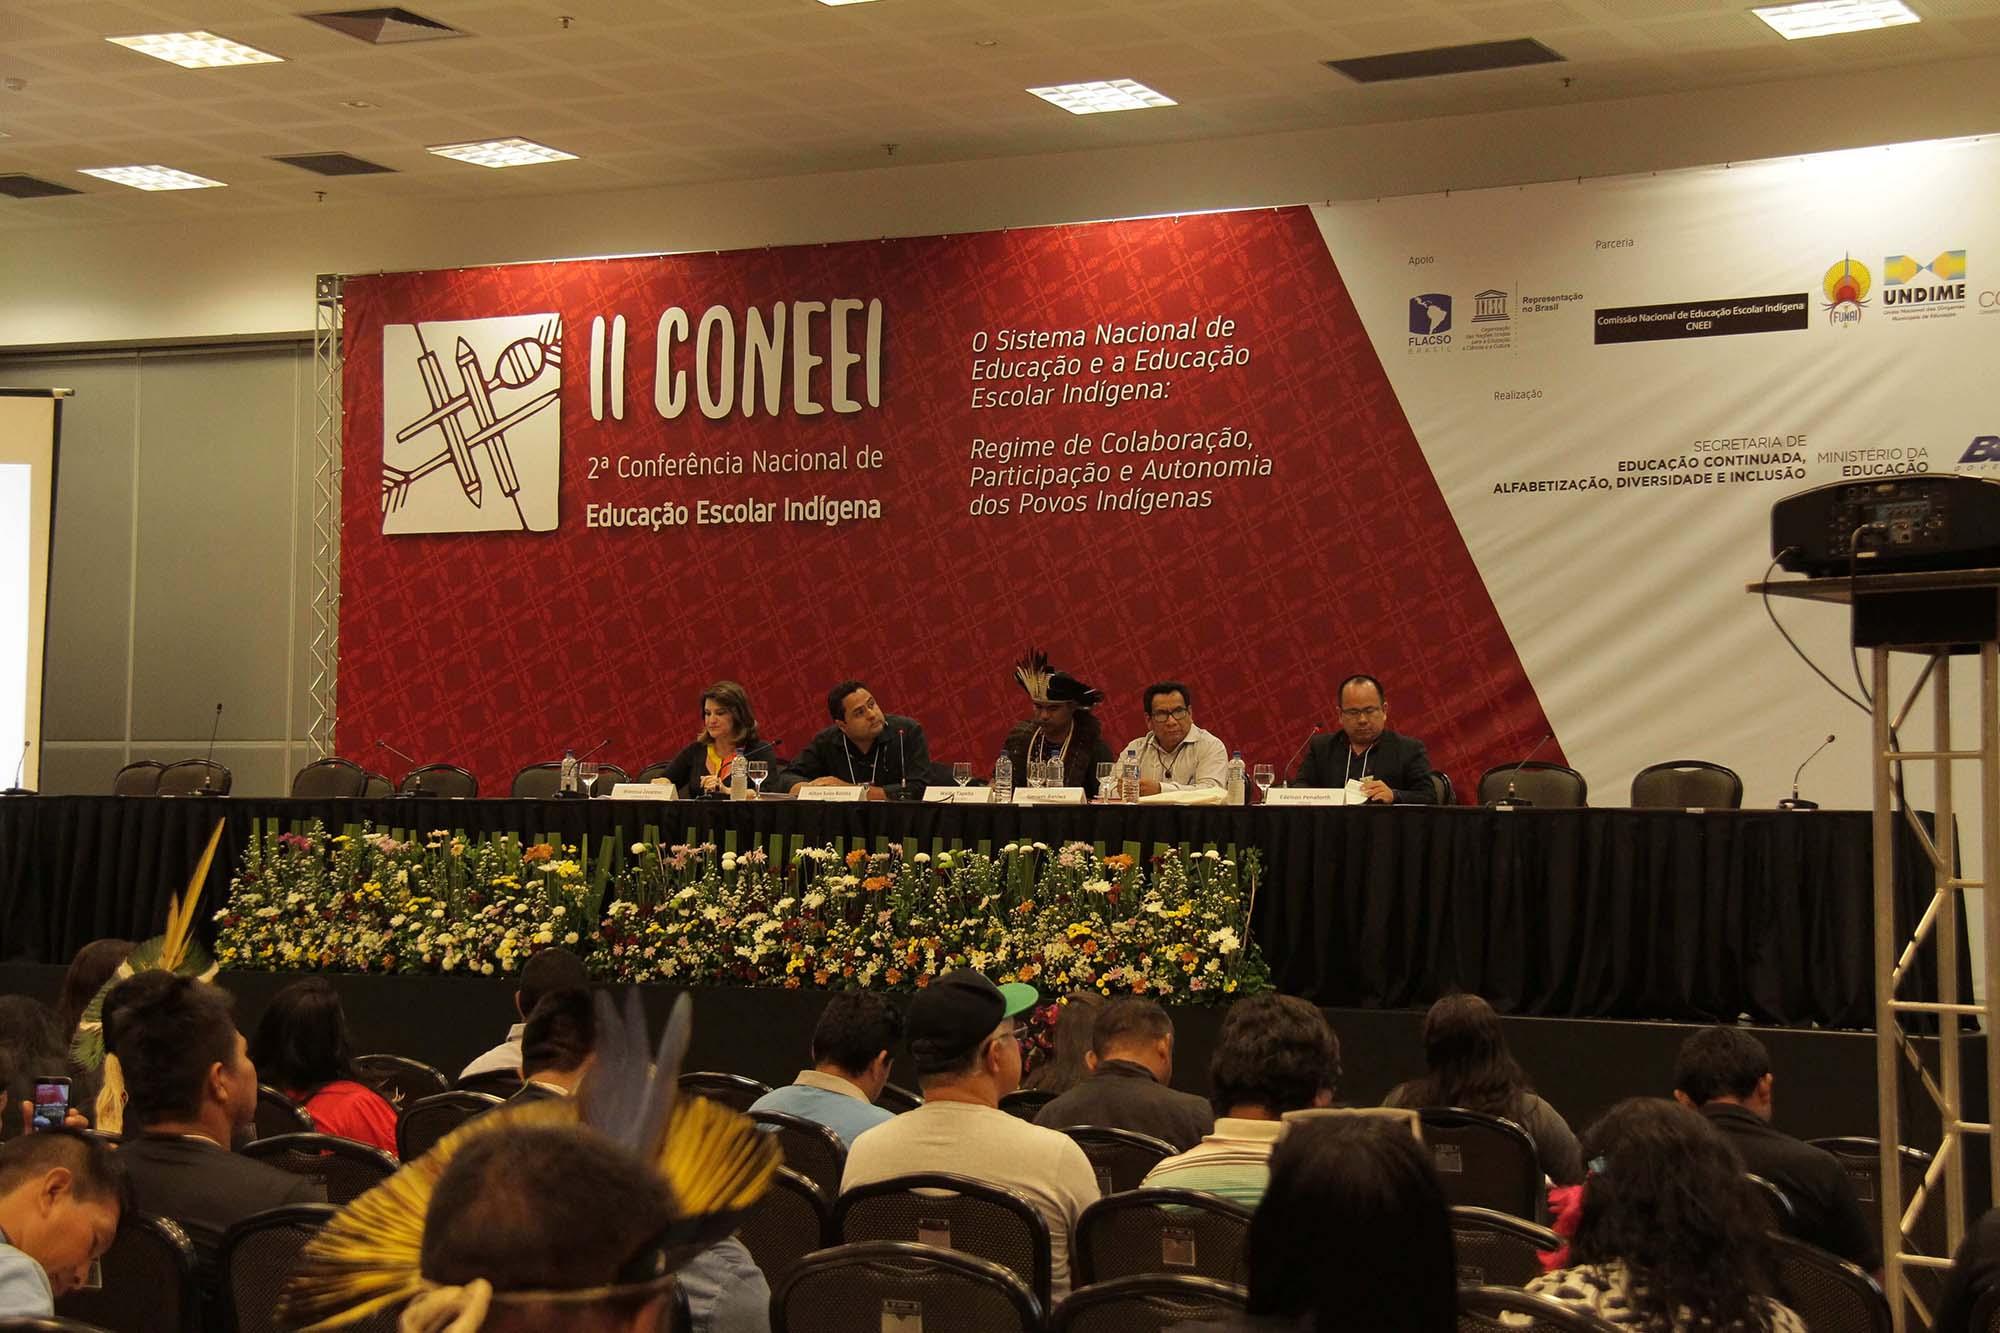 Undime participa da 2ª Conferência Nacional de Educação Escolar Indígena